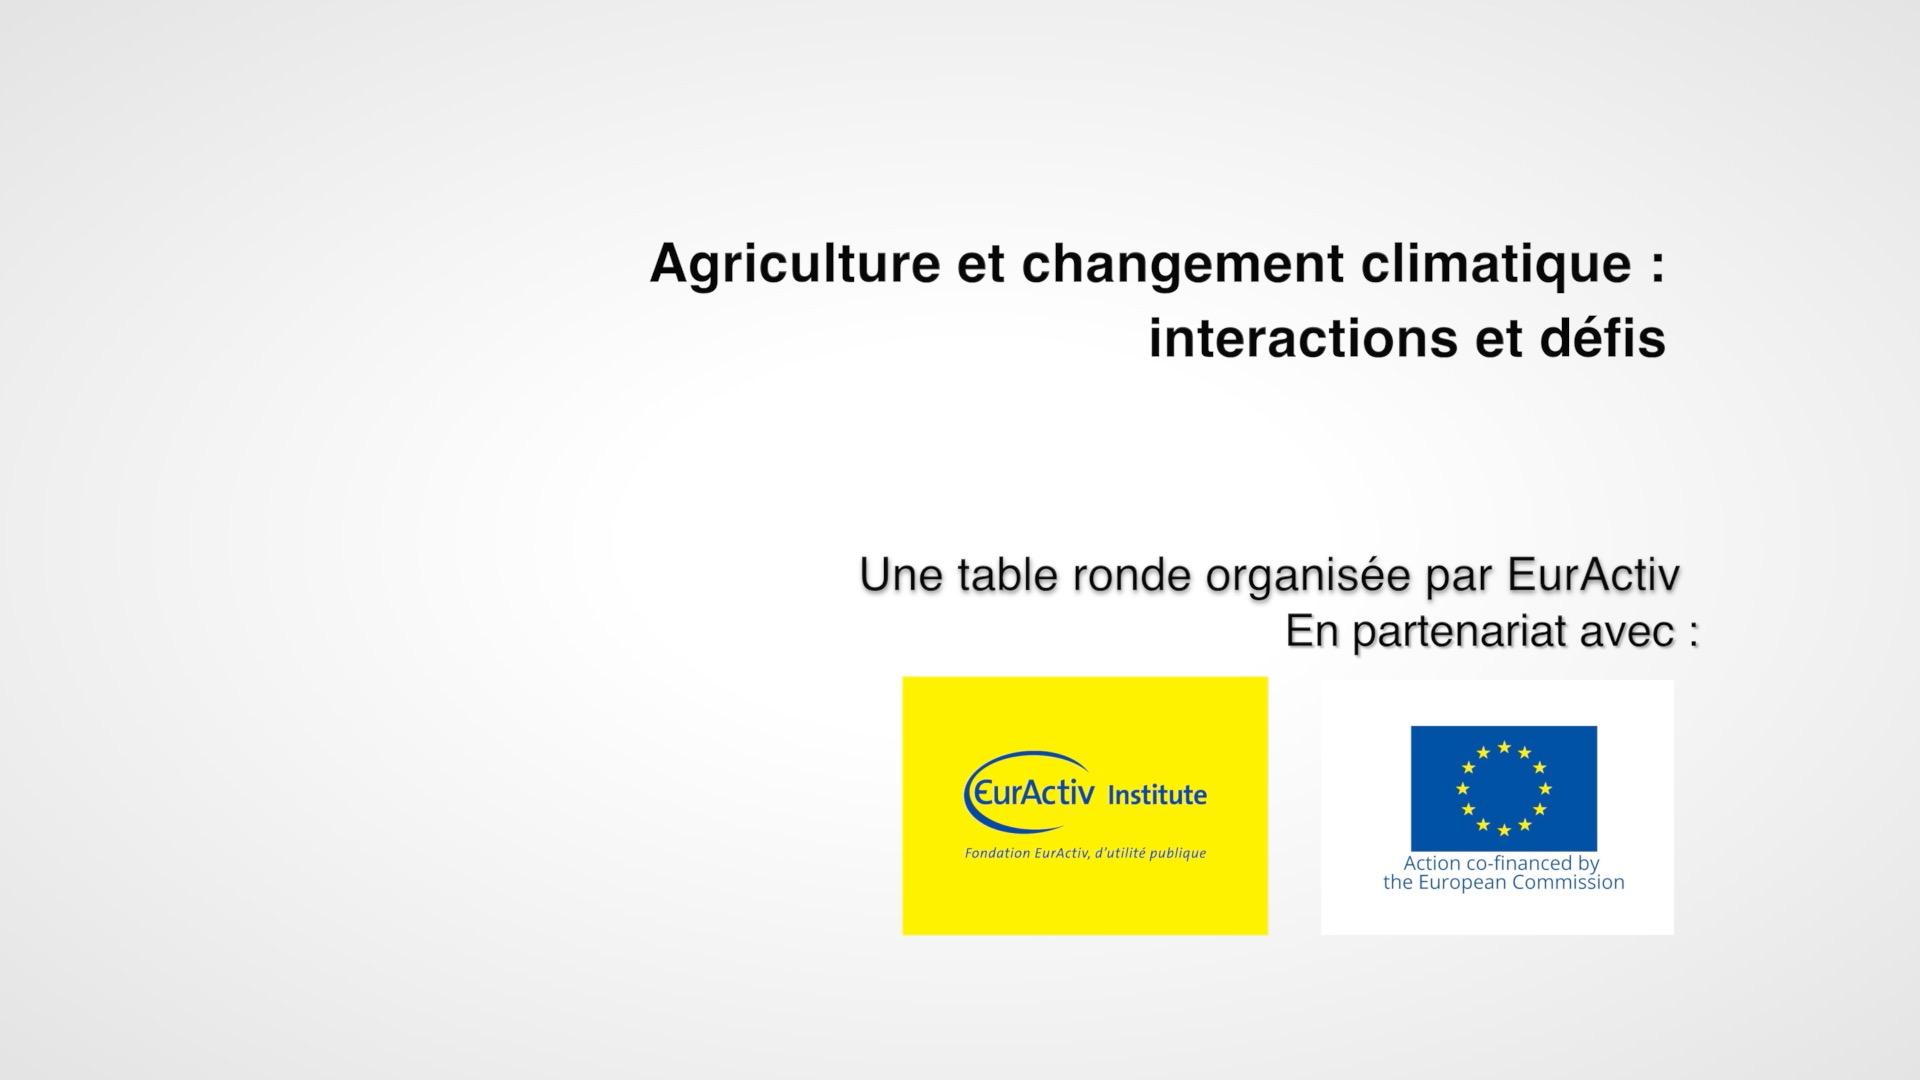 Agriculture et changement climatique : interactions et défis